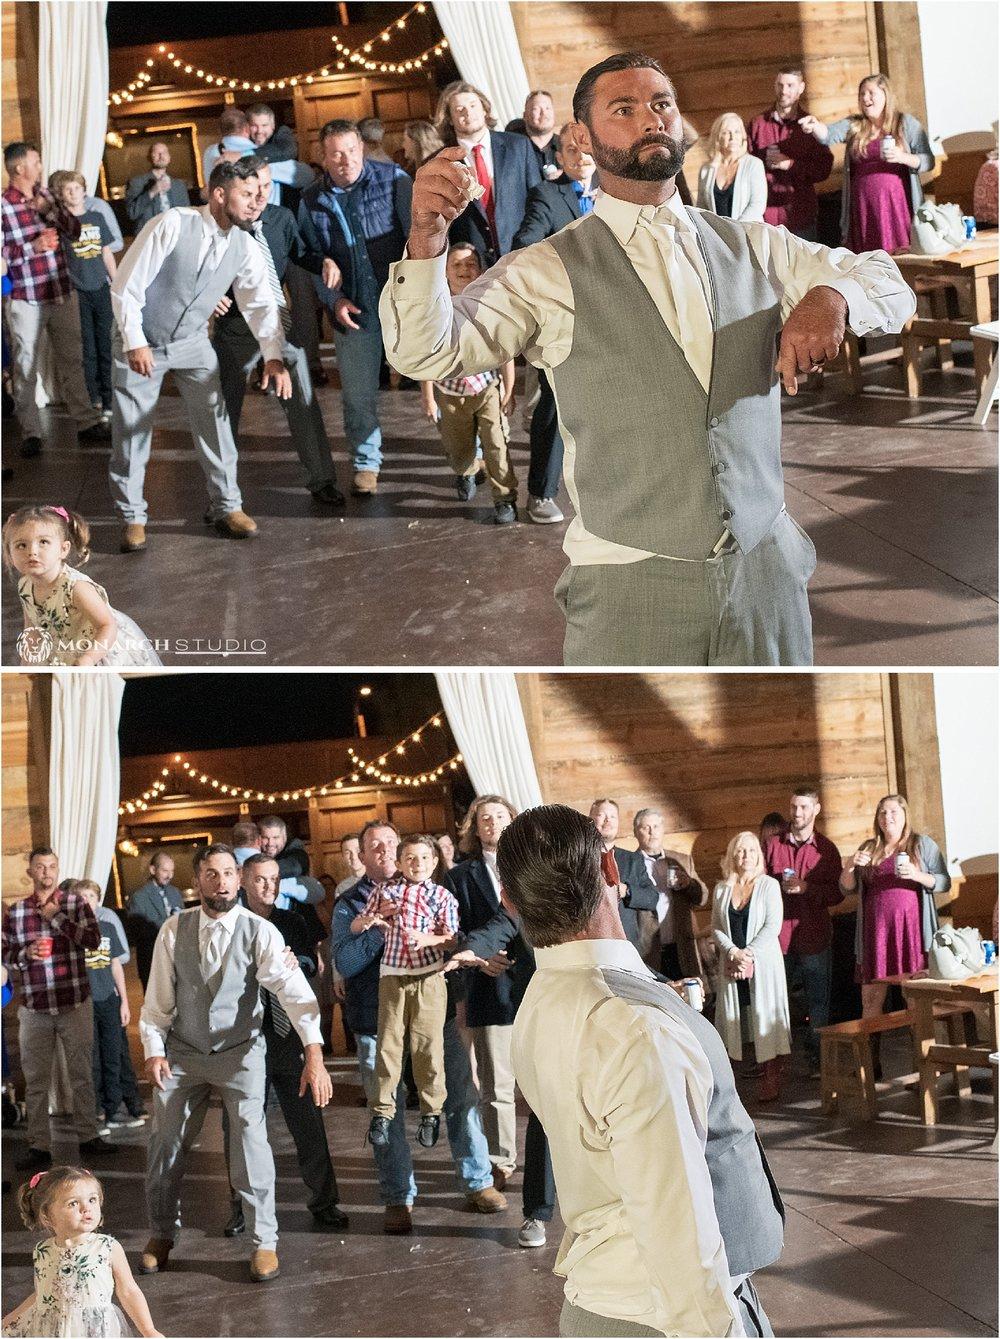 rustic-st-augustine-wedding-spots-059.jpg